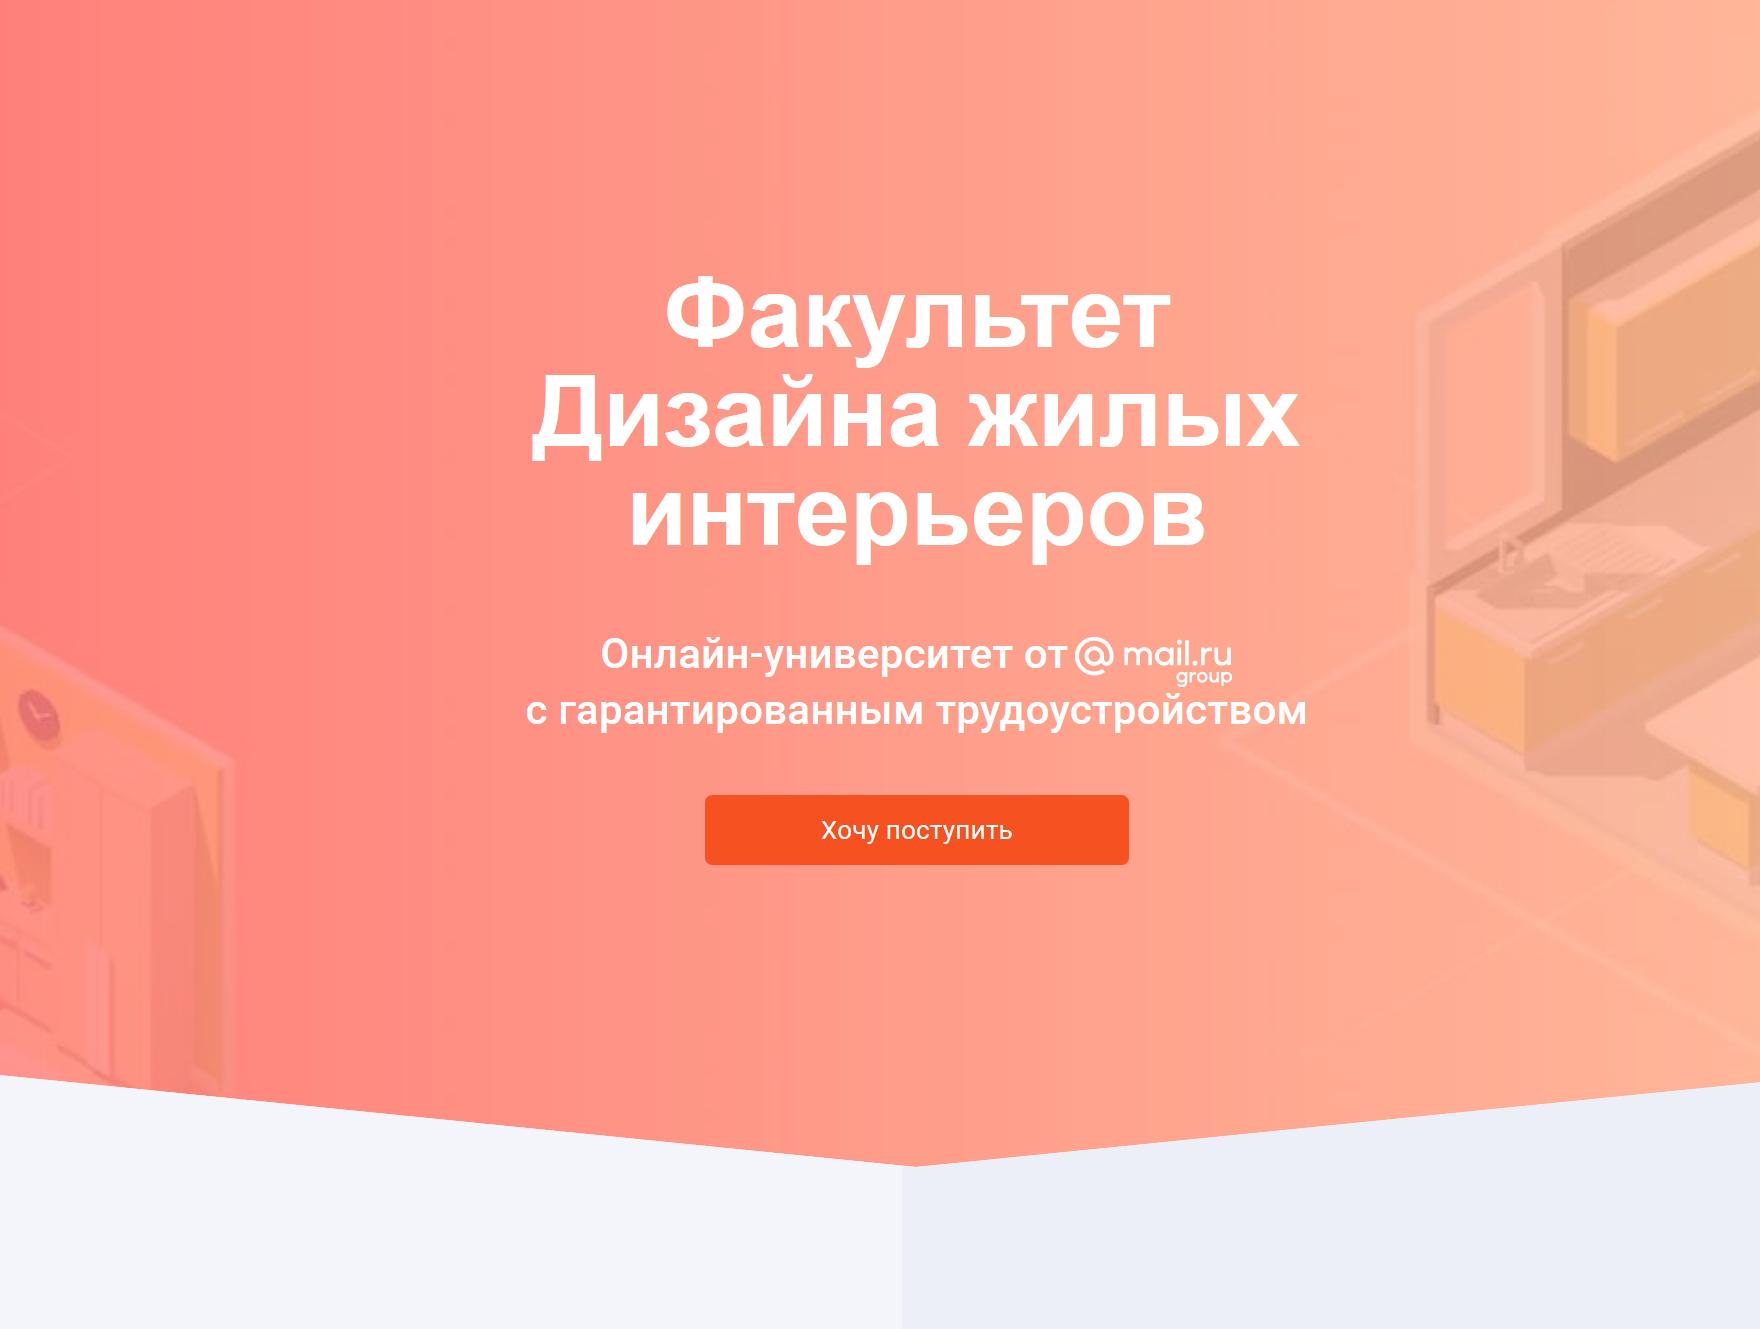 Курсы дизайн жилых интерьеров онлайн - обучение на дизайнера жилых интерьеров GeekBrains - образовательный портал GeekBrains - образовательный портал